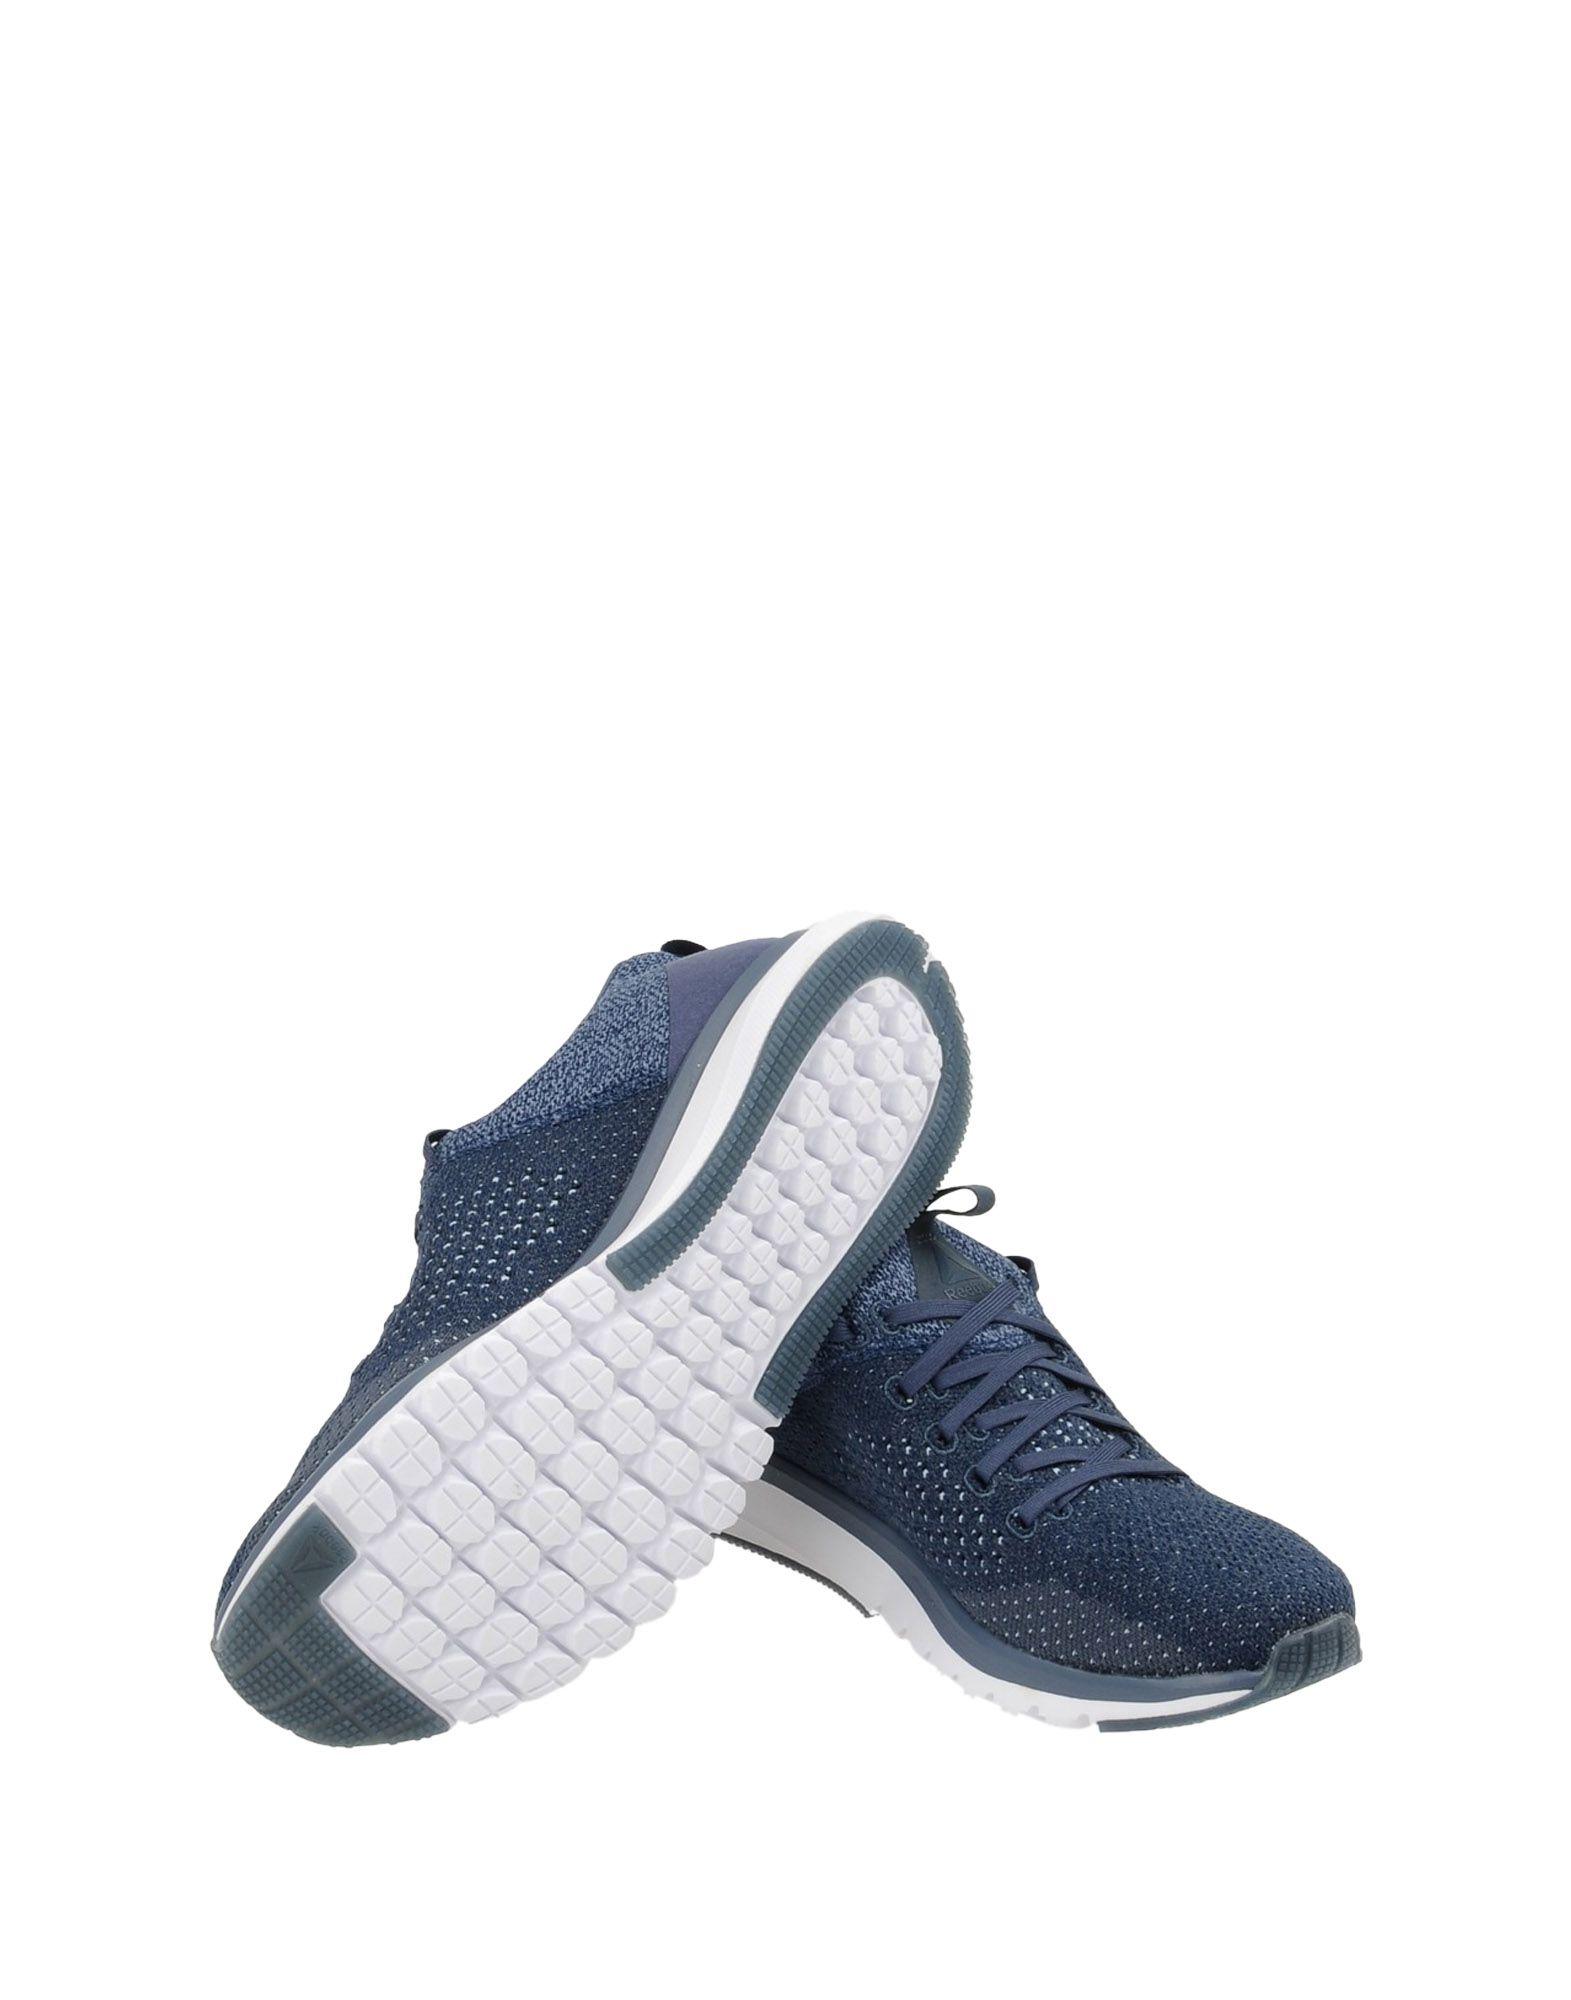 Reebok  Print Premier  11371776AJ Gute Gute Gute Qualität beliebte Schuhe 8a0b0a